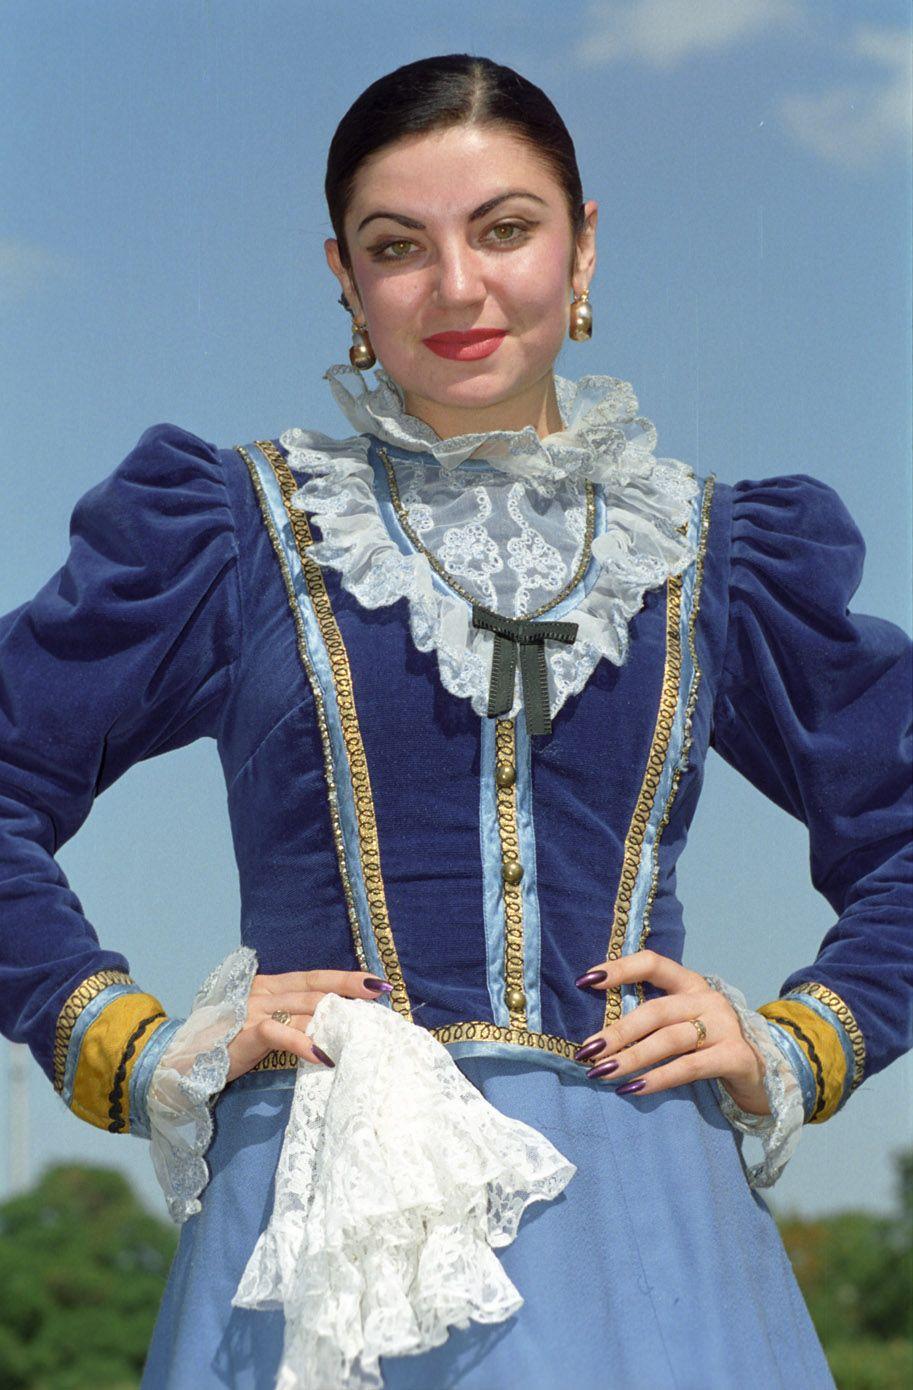 Донская казачка | Народные, исторические костюмы | Fashion ... Донская Казачка Костюм